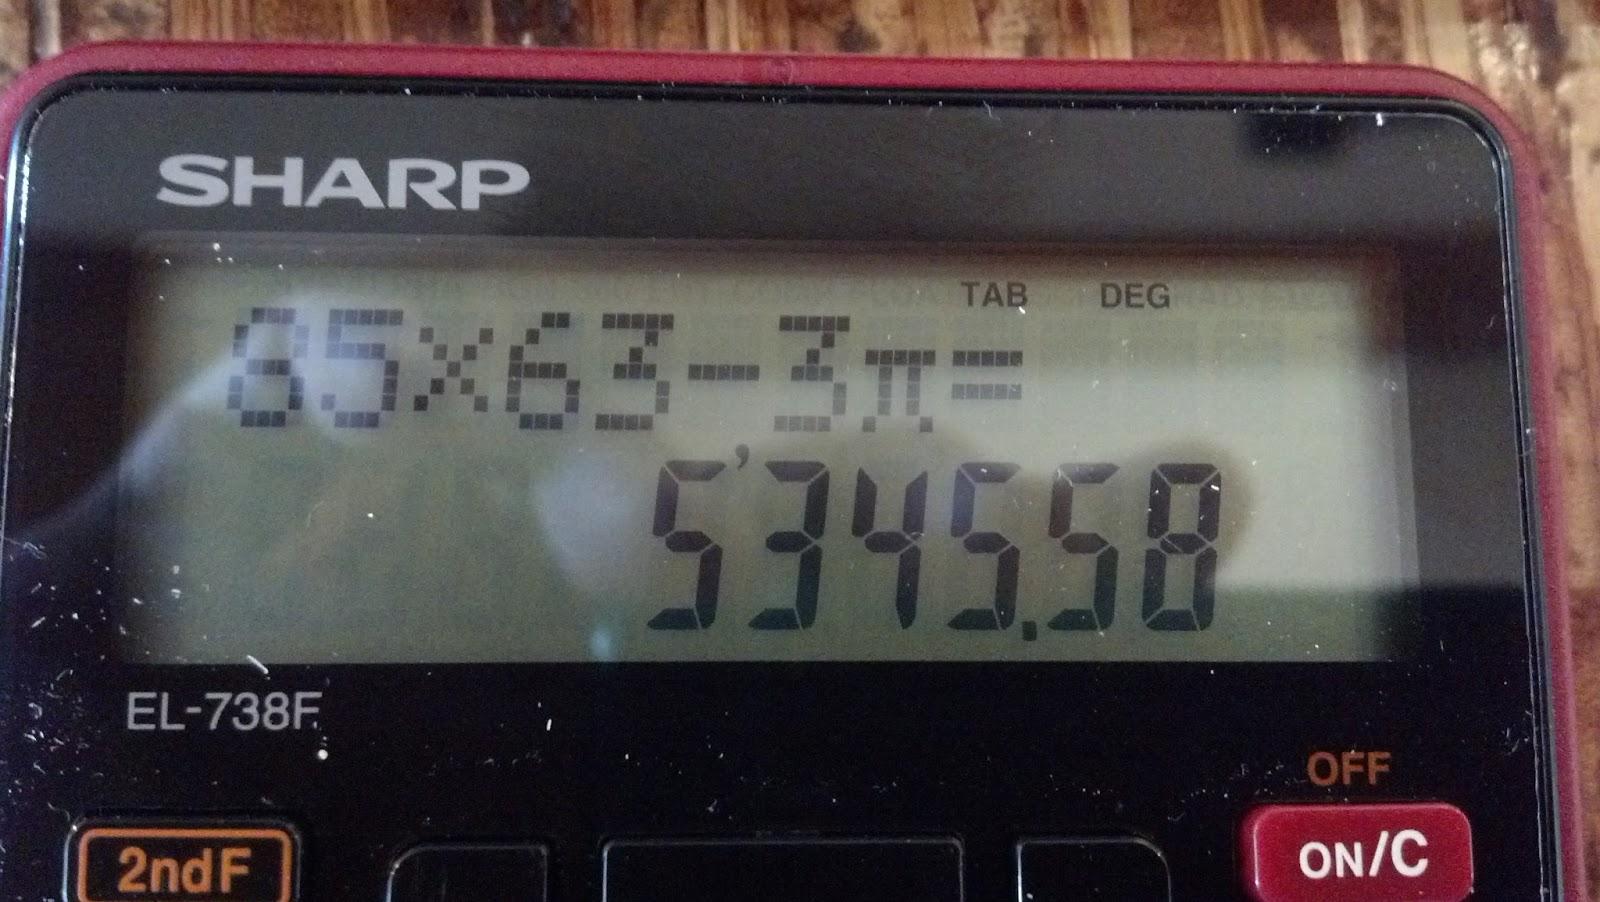 sharp el 738. review: sharp el-738f financial calculator el 738